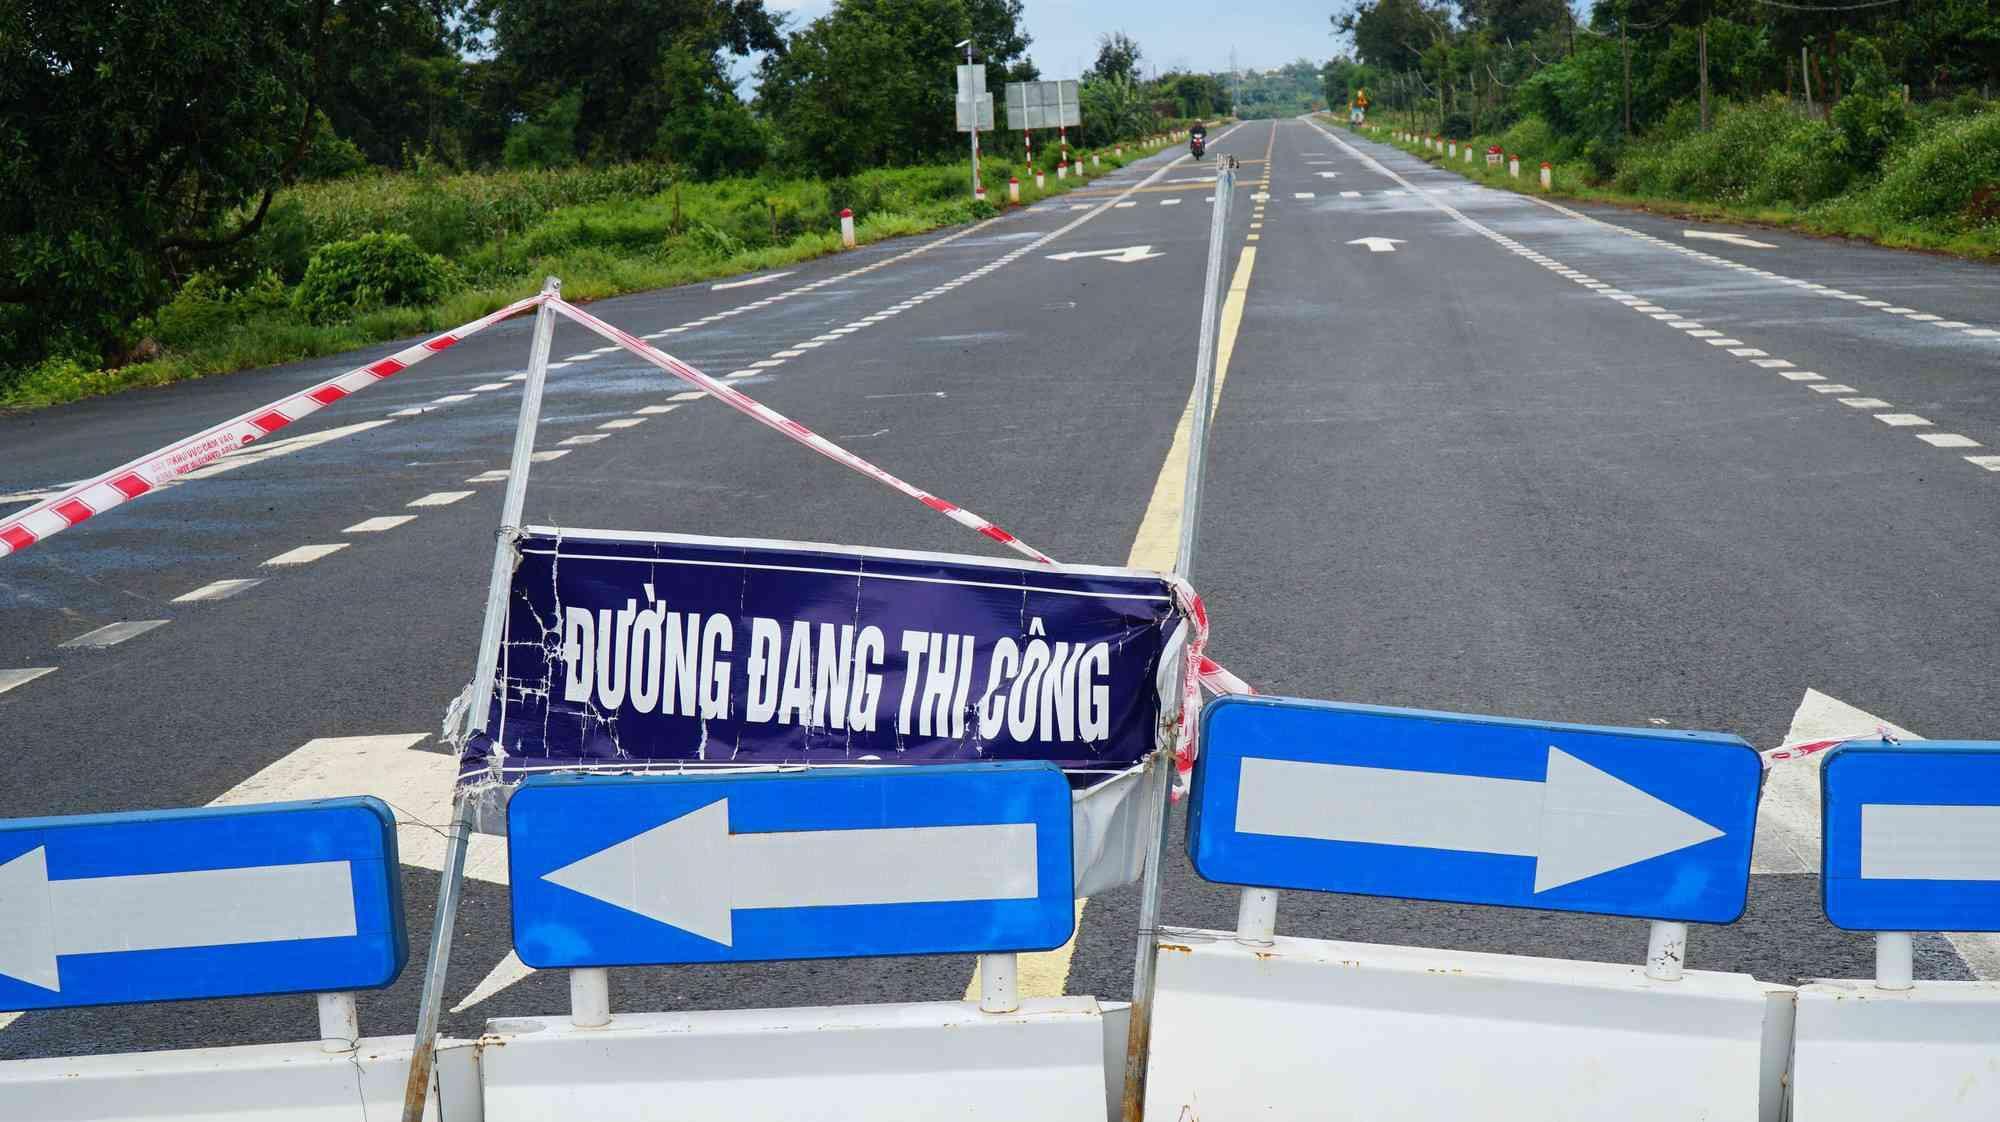 Cận cảnh con đường 250 tỷ vừa hoàn thành đã nứt như động đất sau vài trận mưa Ảnh 10